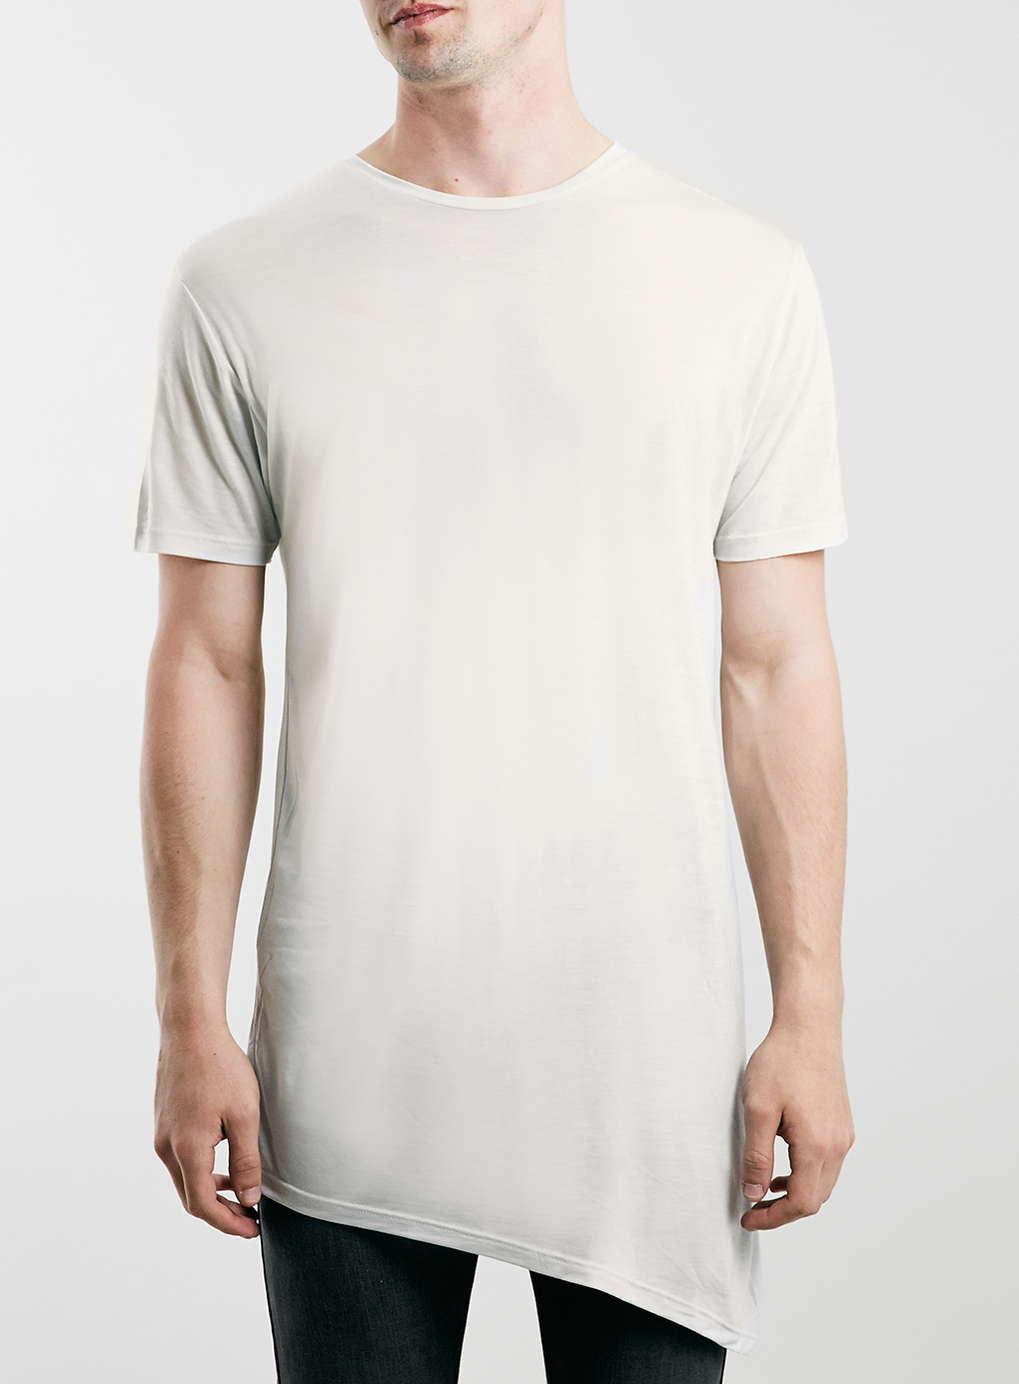 Topman Grey Asymmetric Longline T-Shirt,$25.00